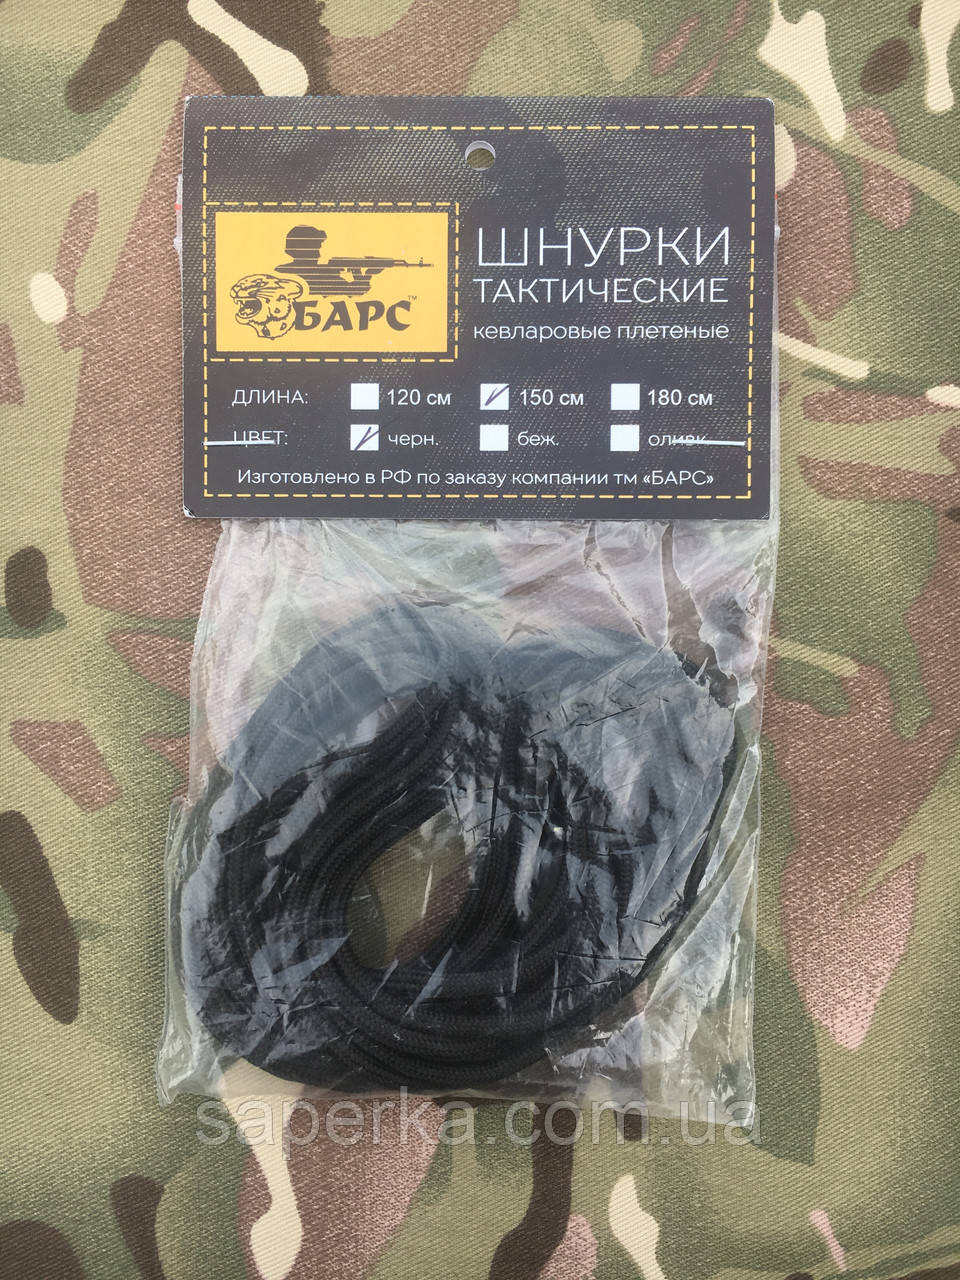 Кевларові шнурки «Барс». Чорний 150 див.